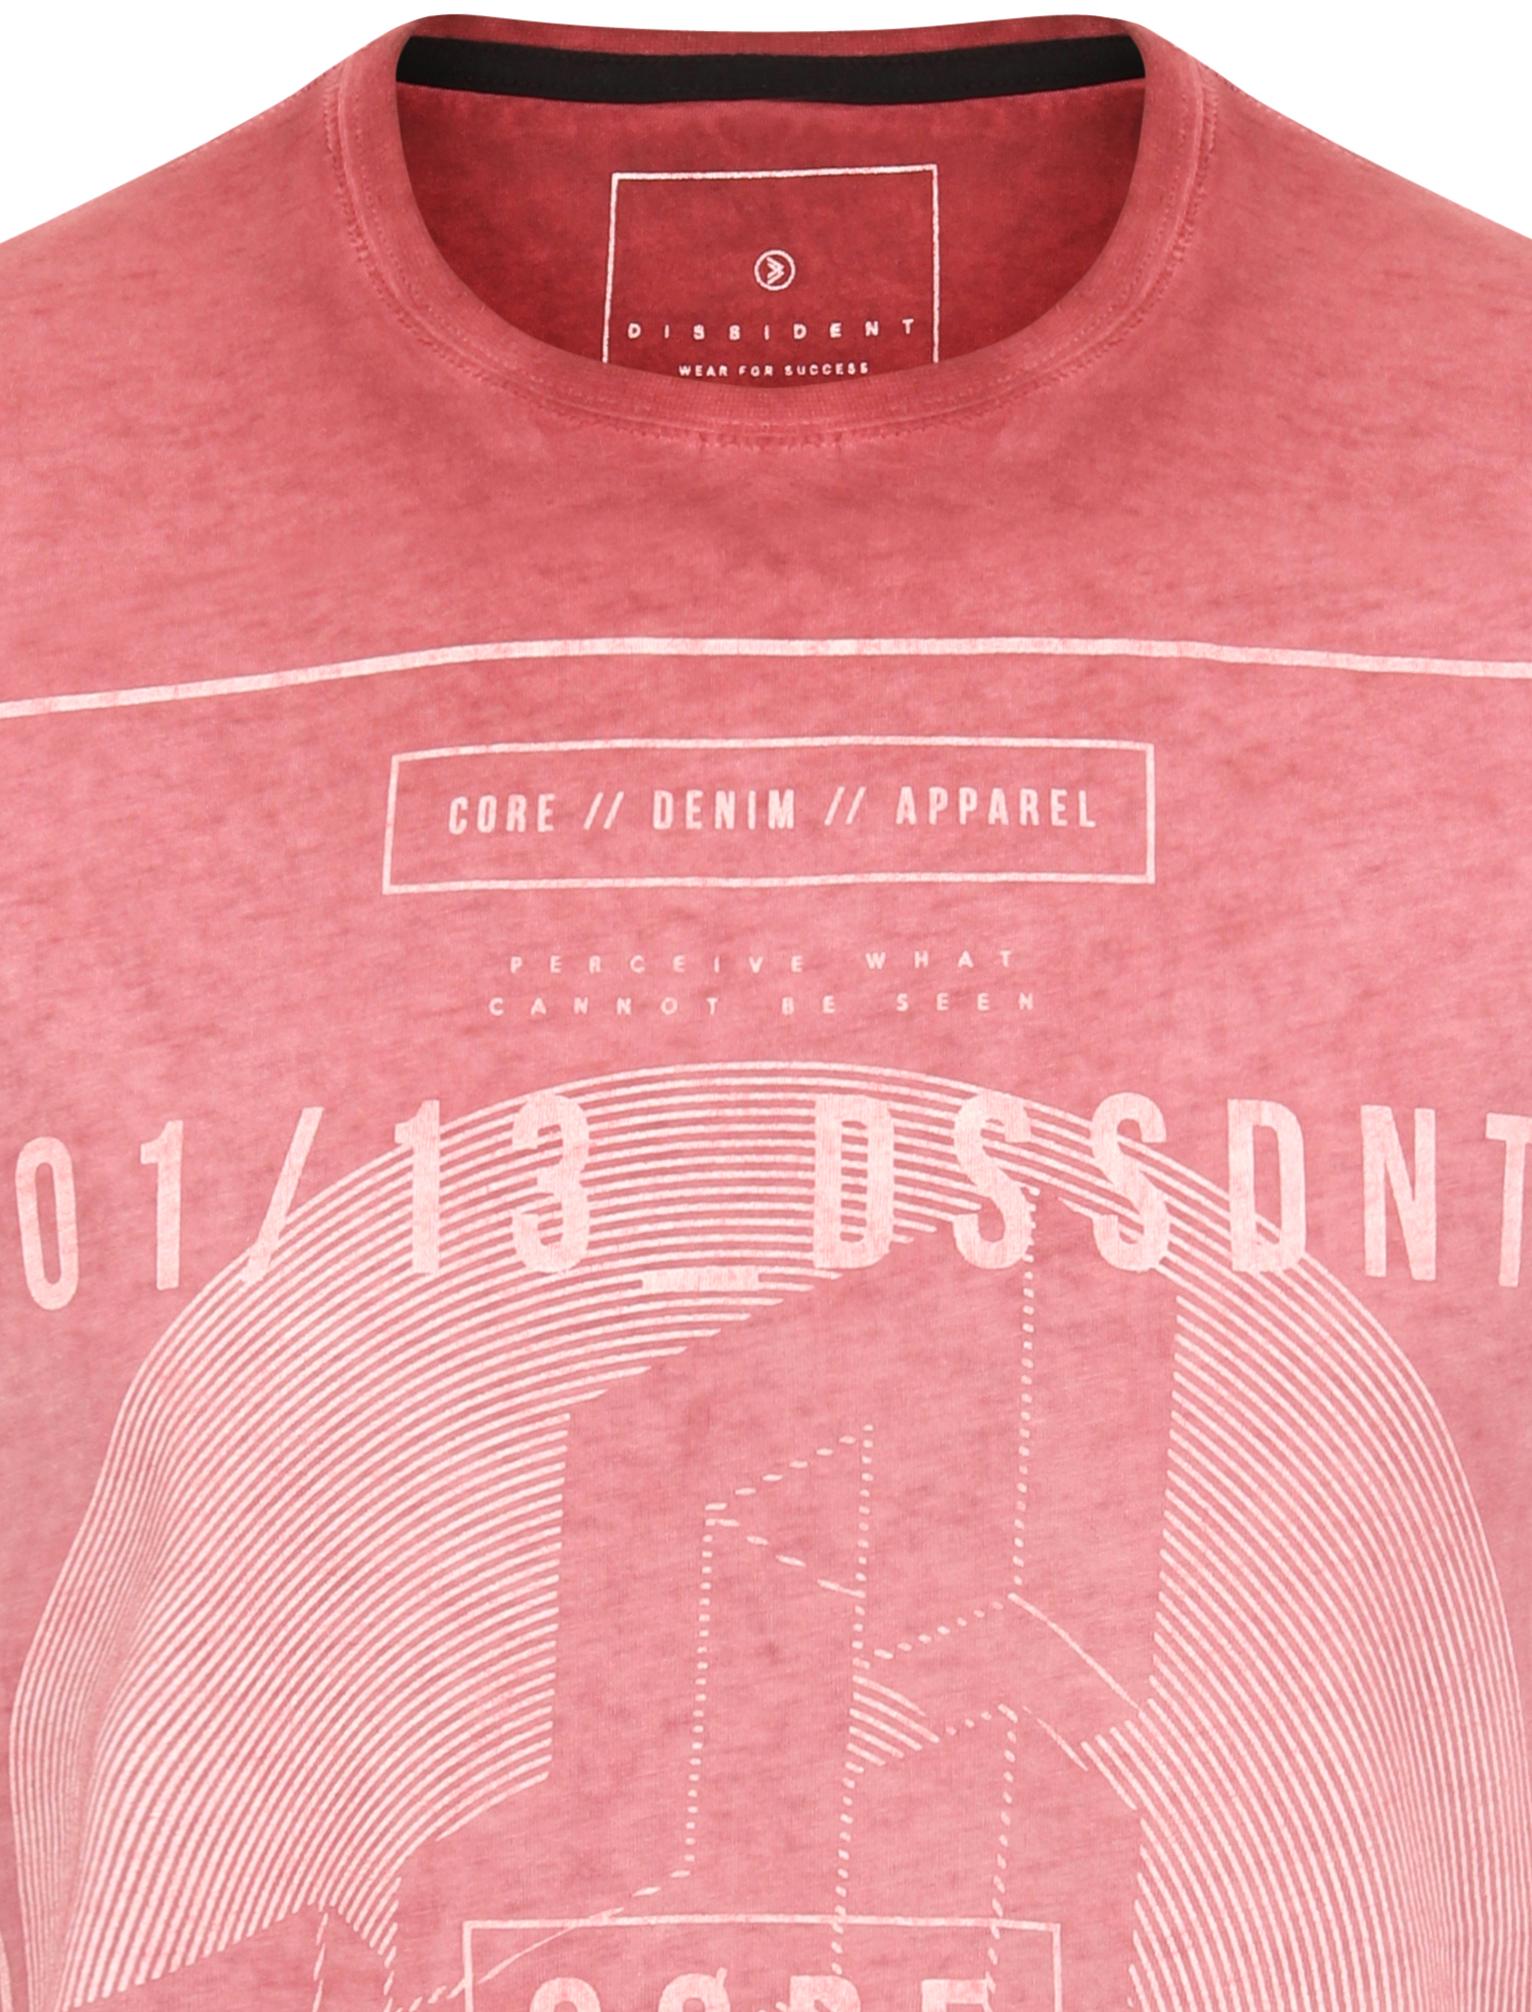 Dissident Men/'s Impossible Burnout T-Shirt Crew Neck Vintage Retro Graphic Print